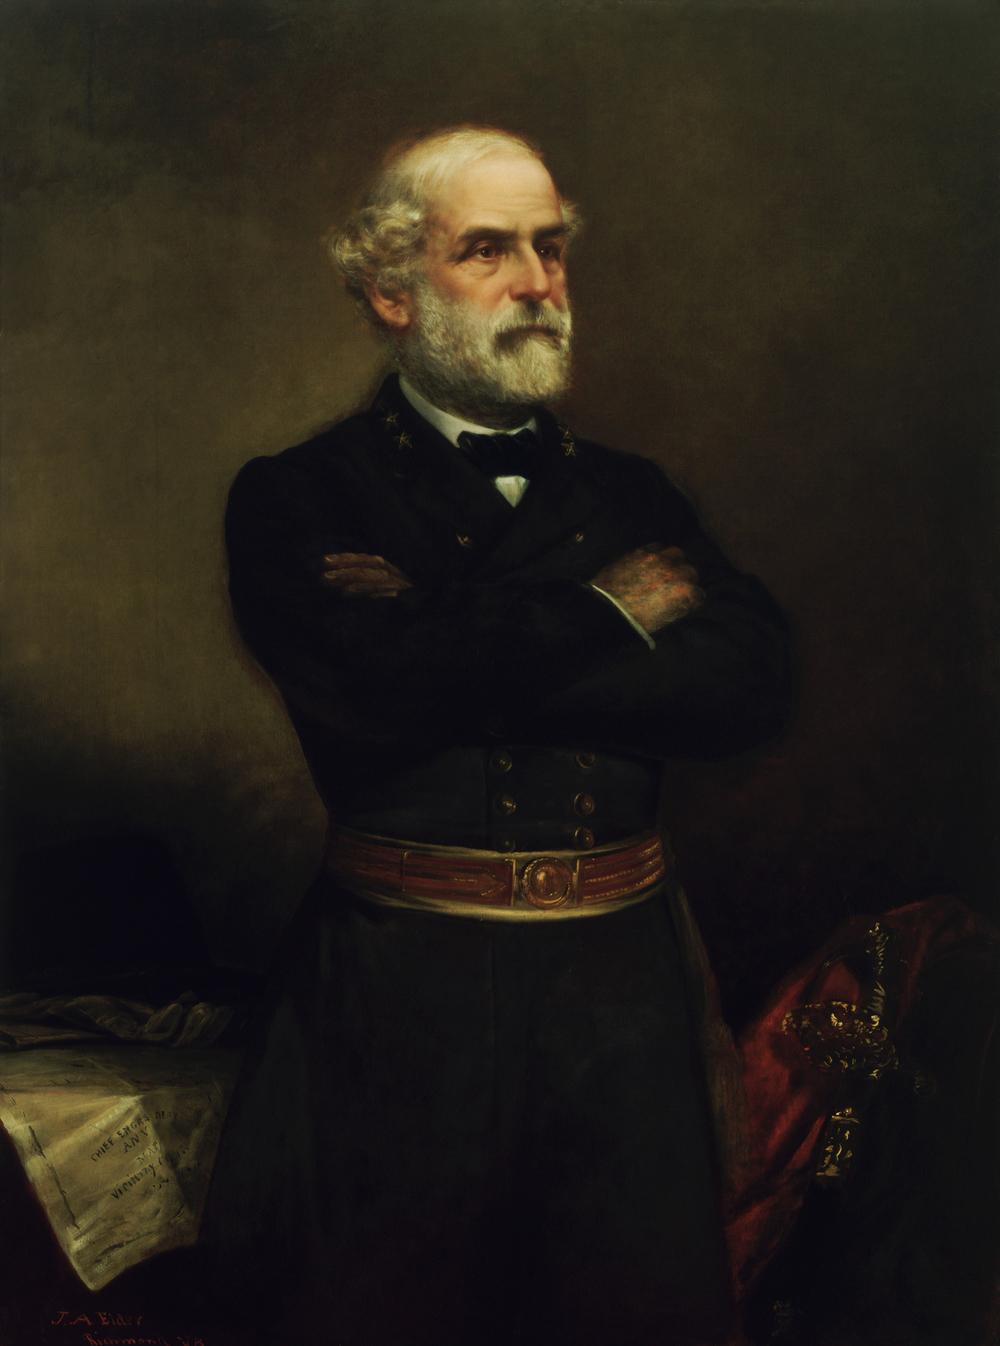 37_Robert E Lee